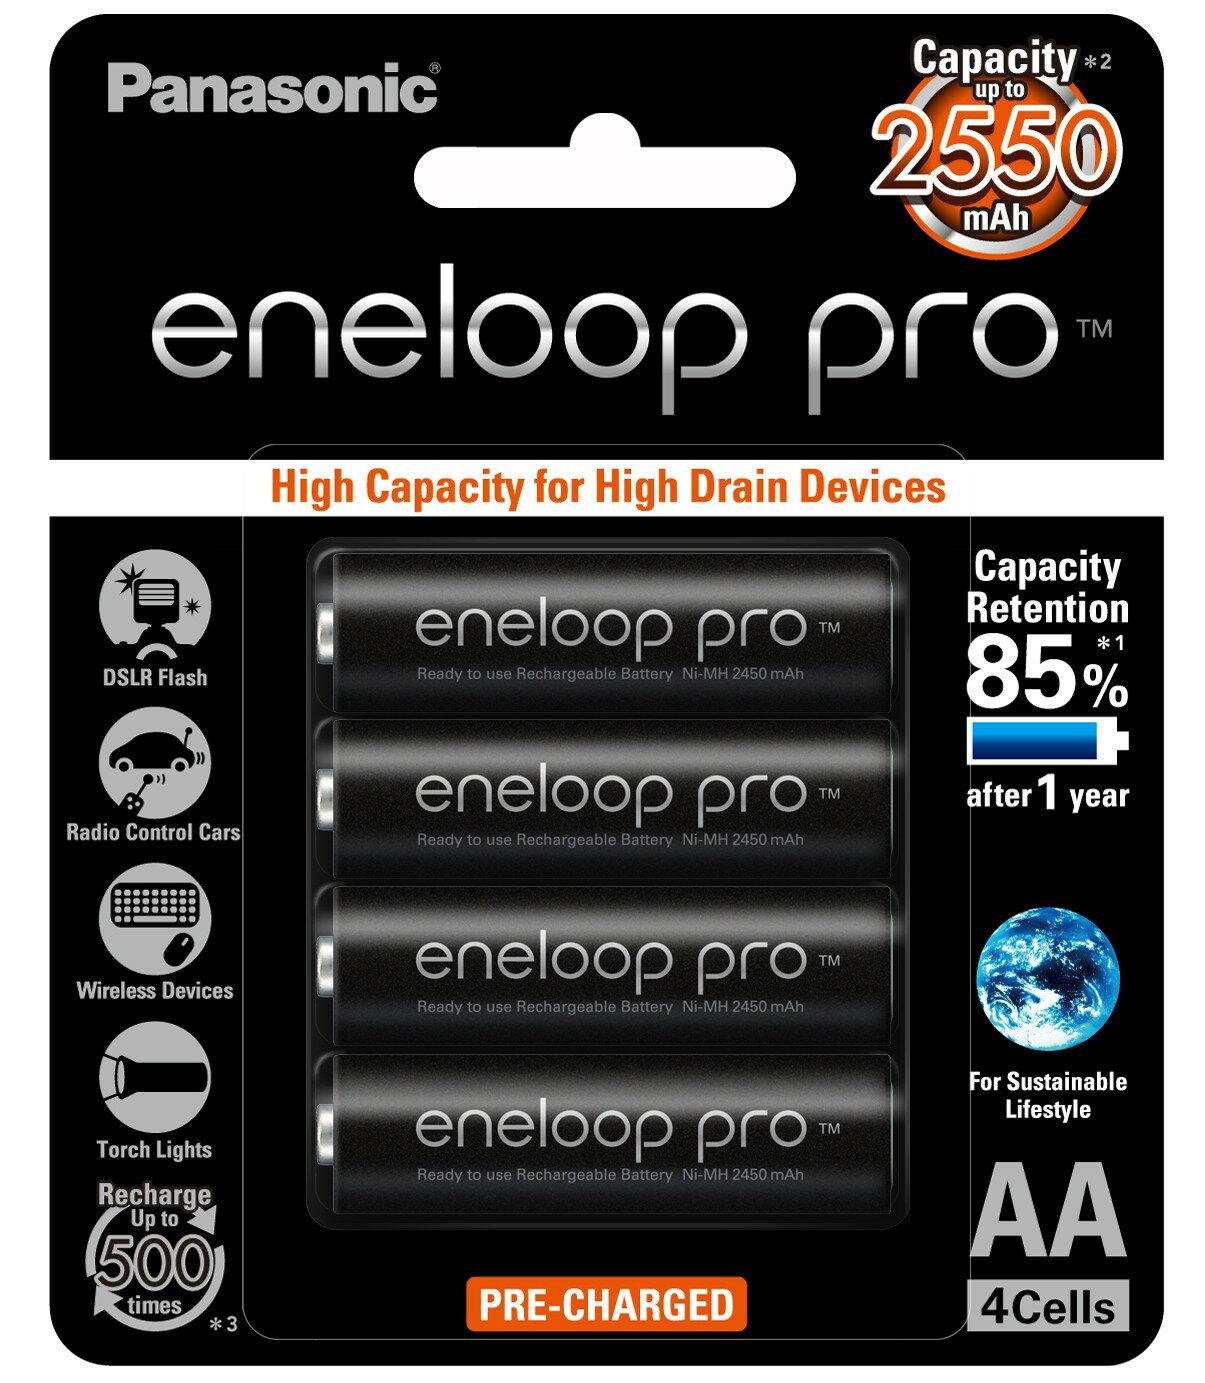 日本製 Panasonic 國際牌 eneloop pro 3號 2550mAh低自放電池 4入裝送電池盒